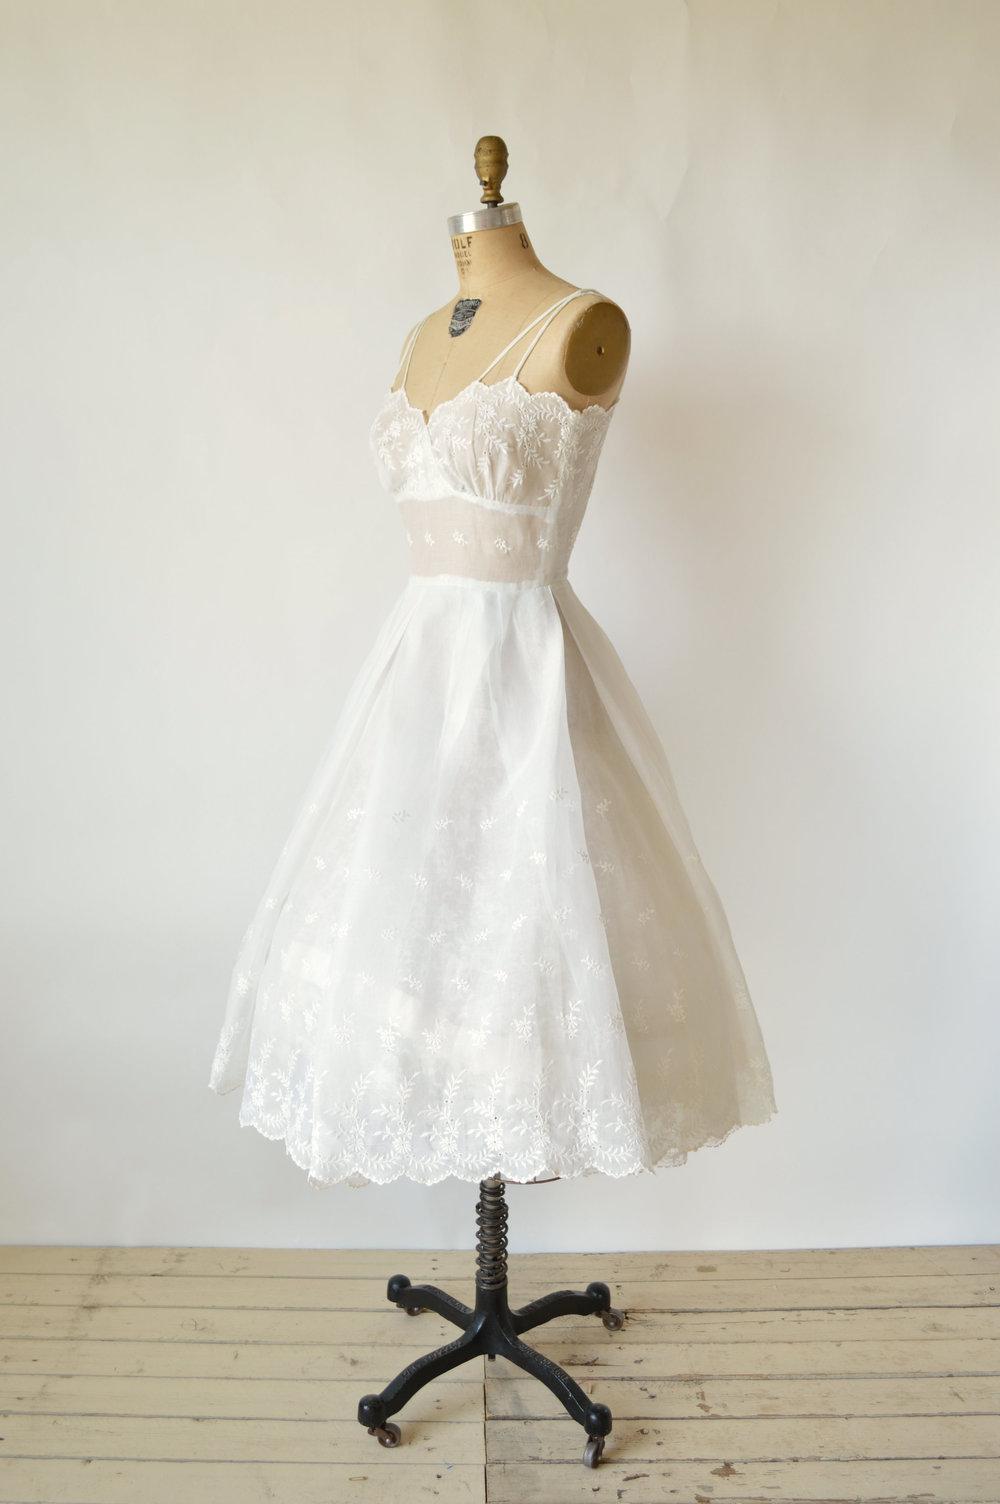 Shop vintage a hodgepodge collection vintage clothing for Vintage wedding dresses austin